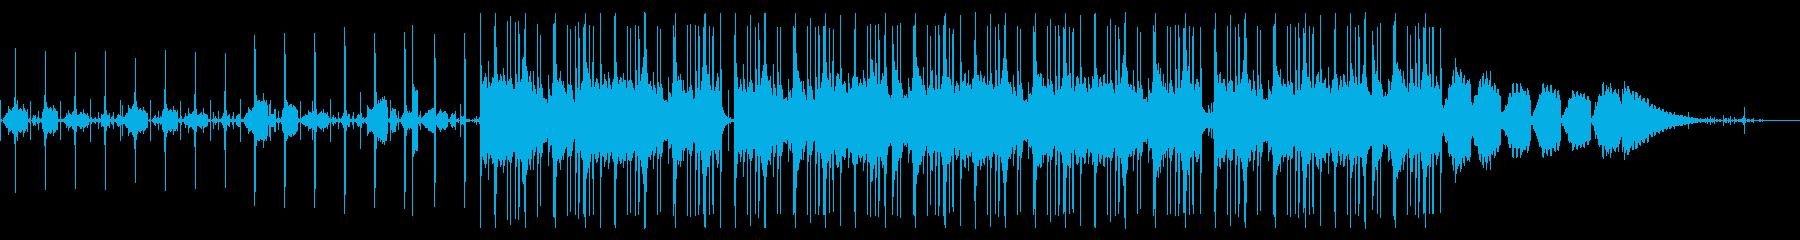 ゆるいテンポの癒やし系シンセとビートの再生済みの波形